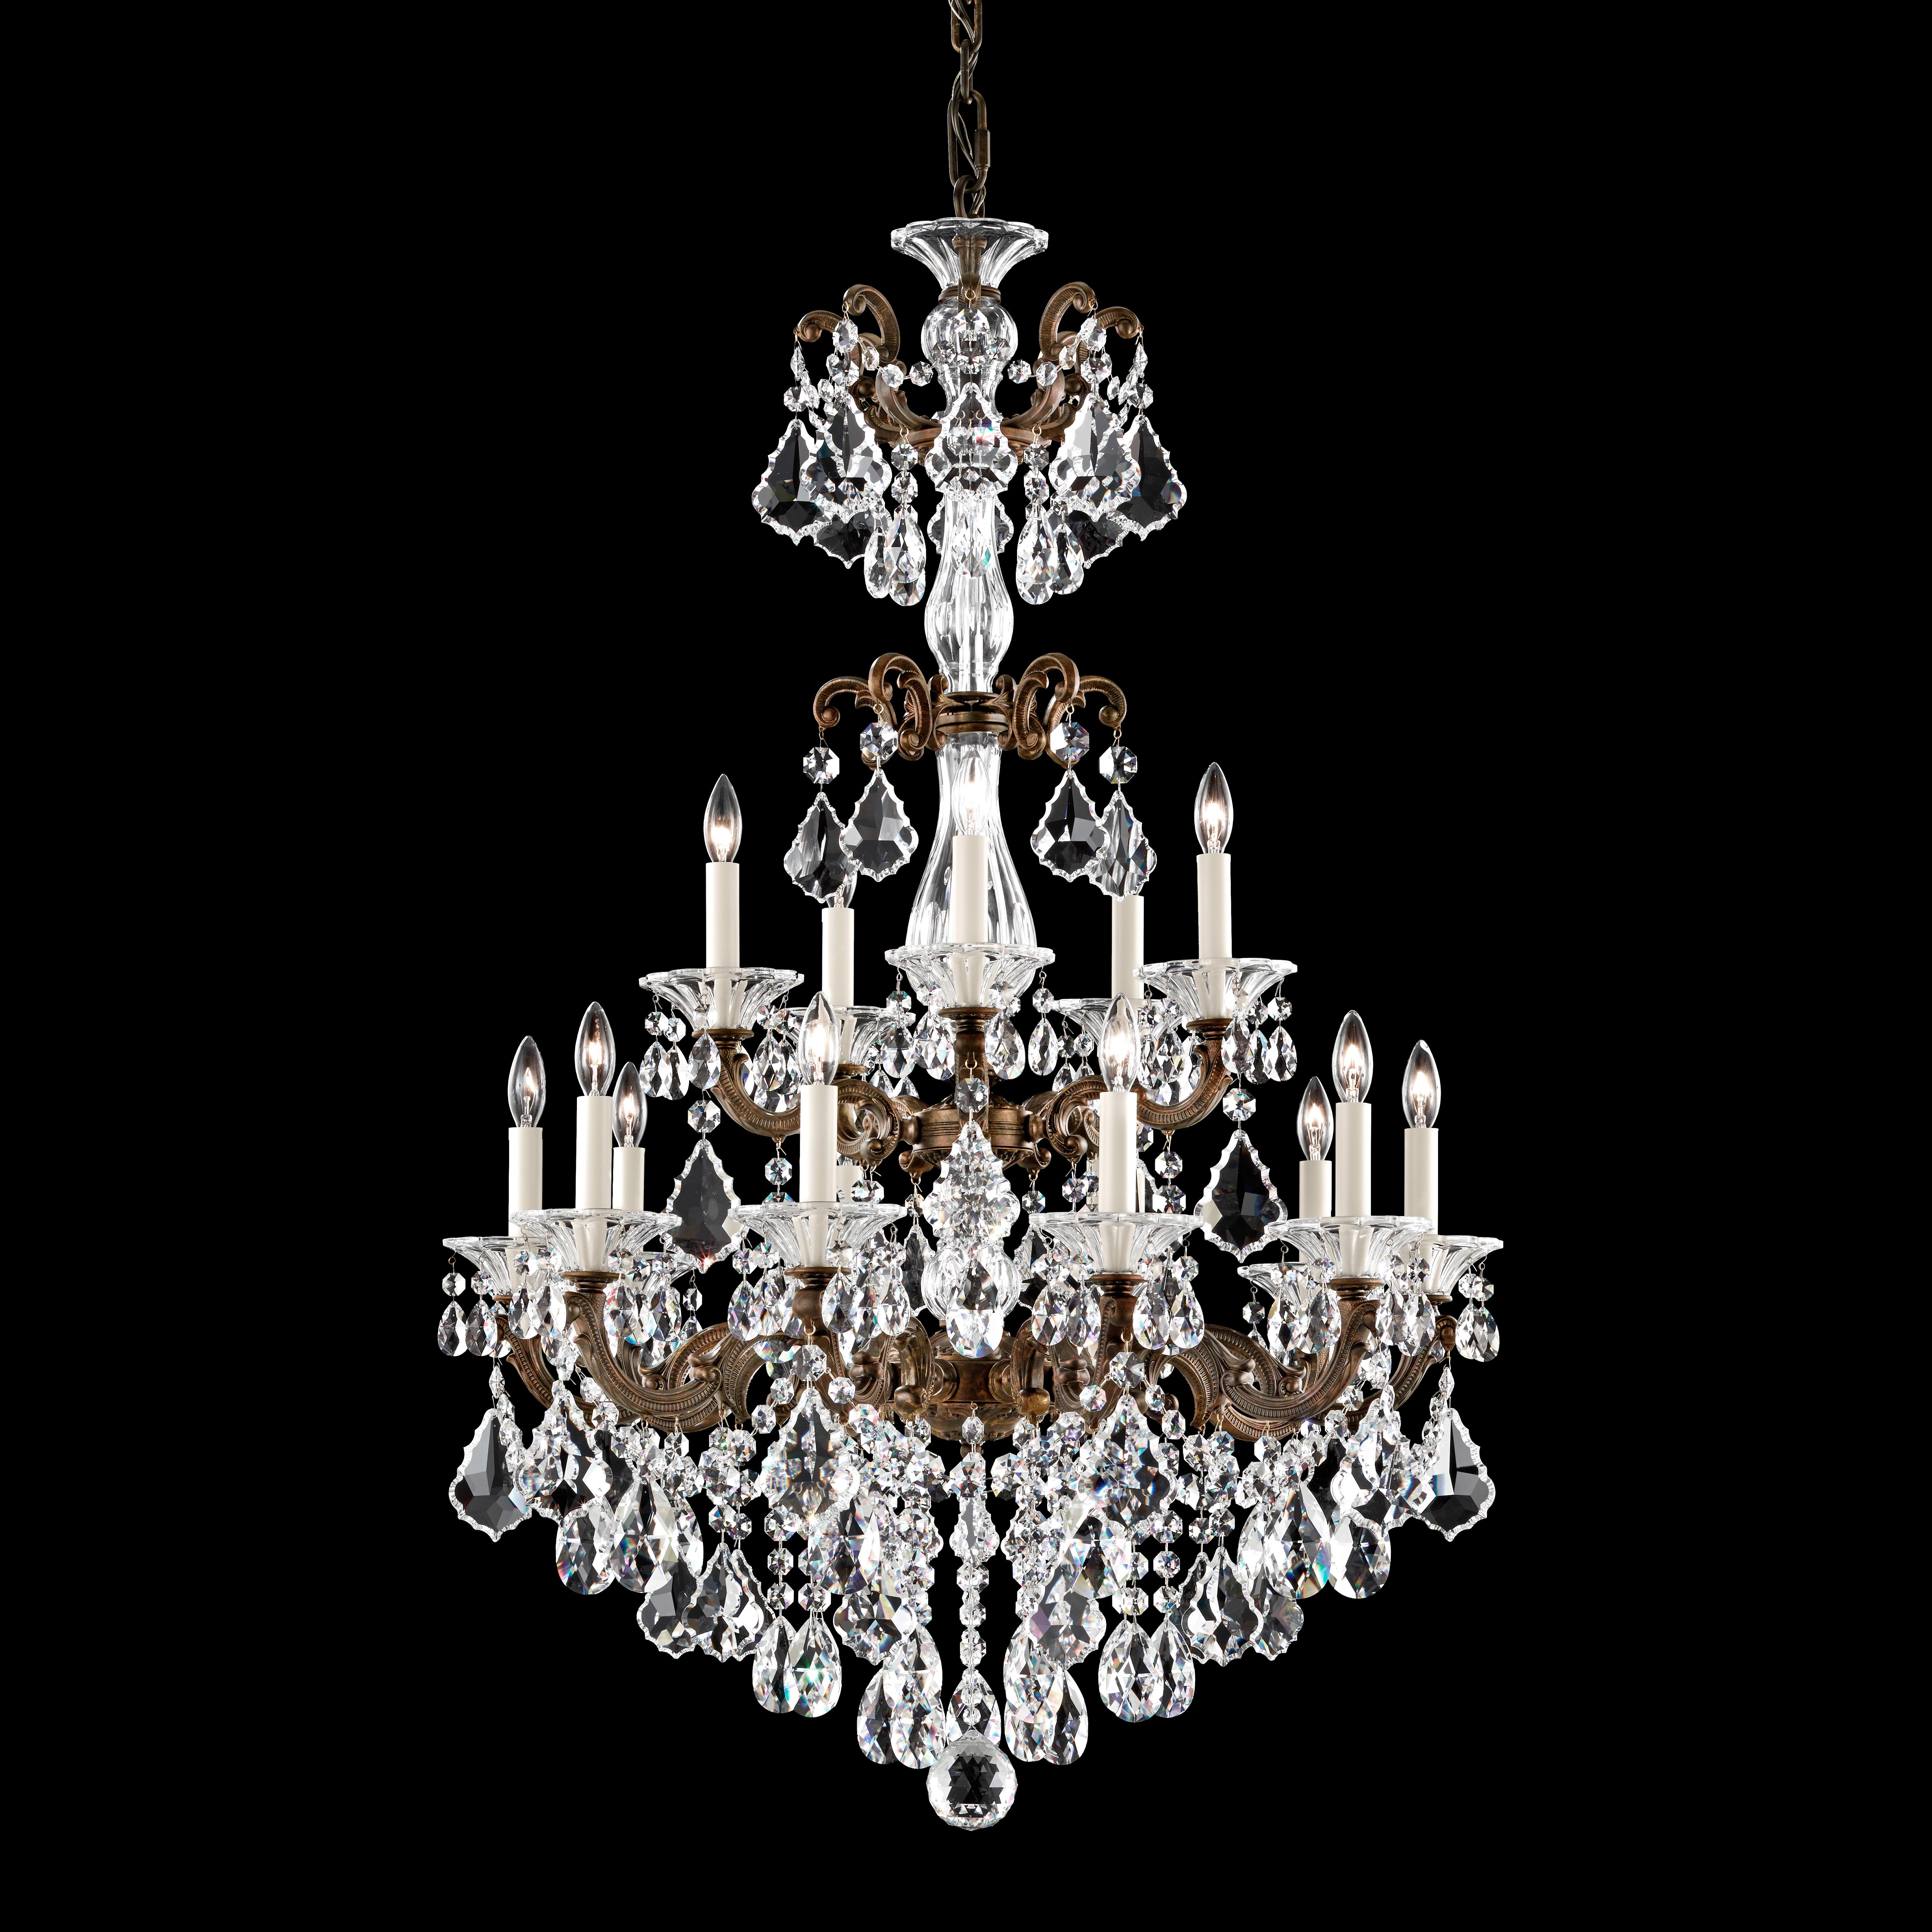 Schonbek 5010 76 Heirloom Bronze La Scala 15 Light 28 Wide Crystal Chandelier With Clear Swarovski Heritage Crystals Lightingshowplace Com